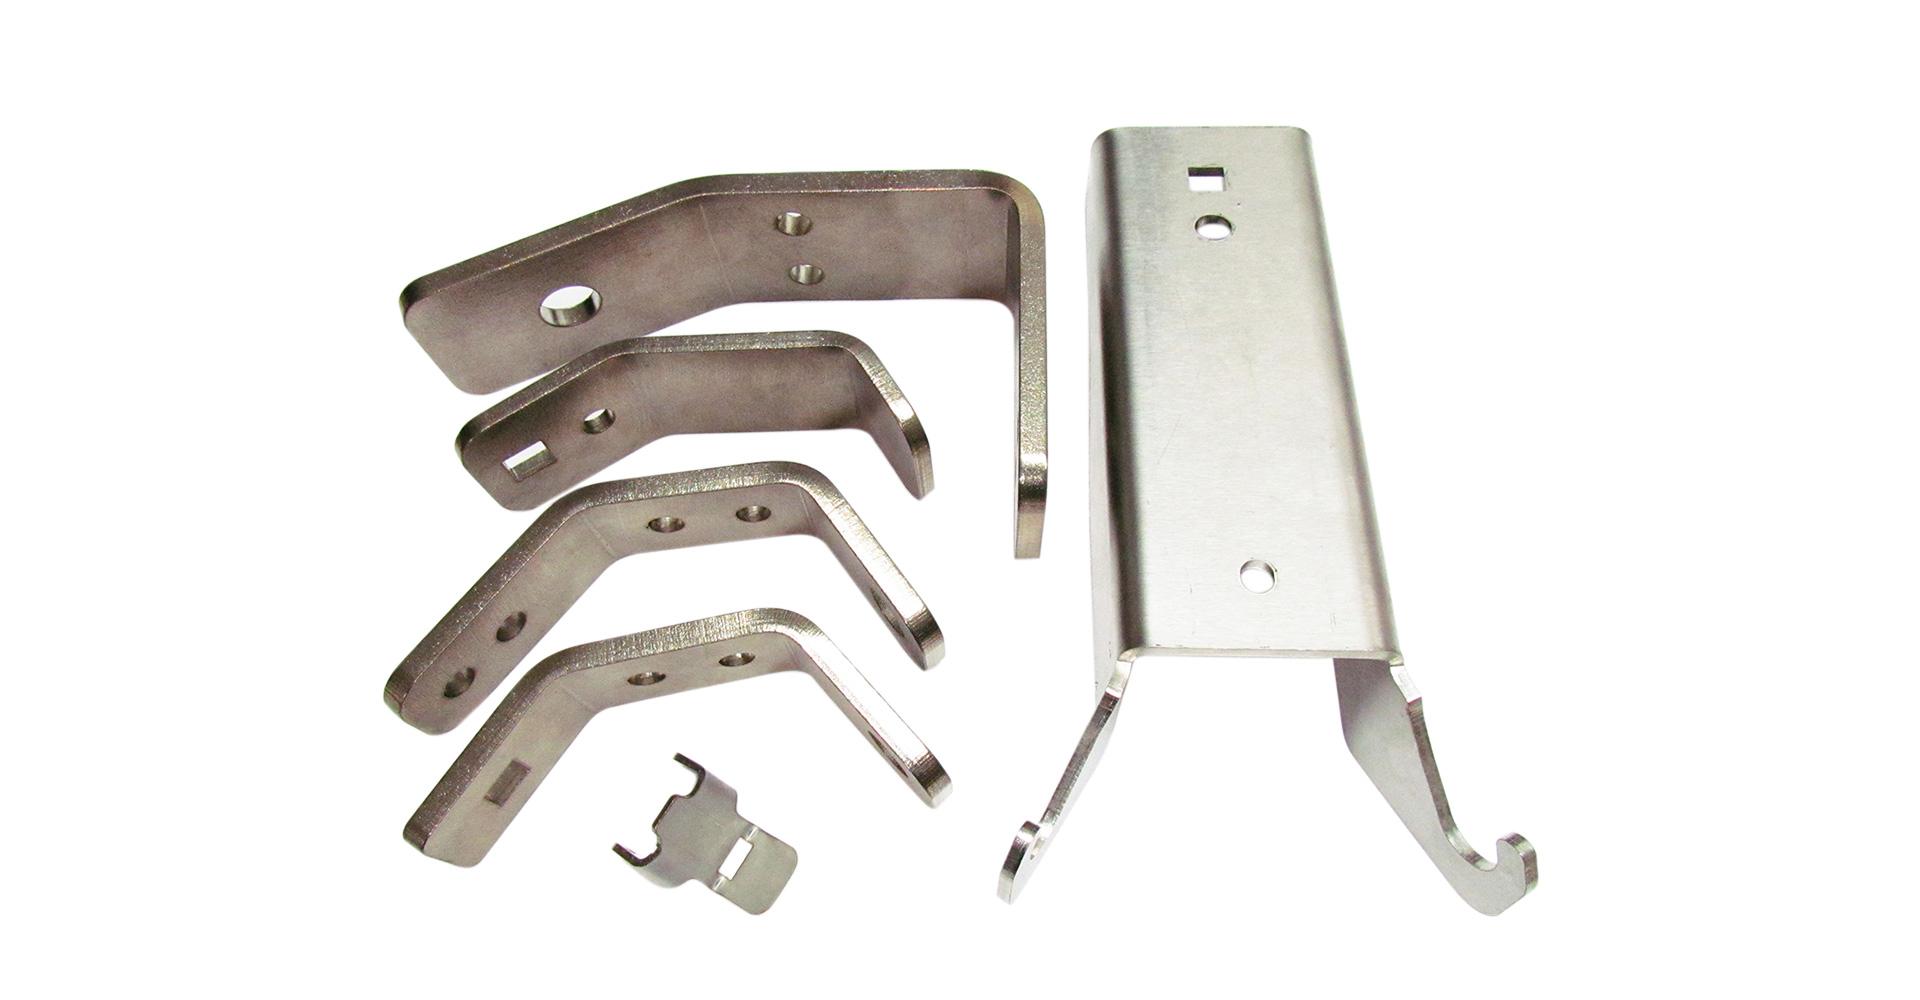 edicion-piezas-acero-inoxidable-1920x1000px